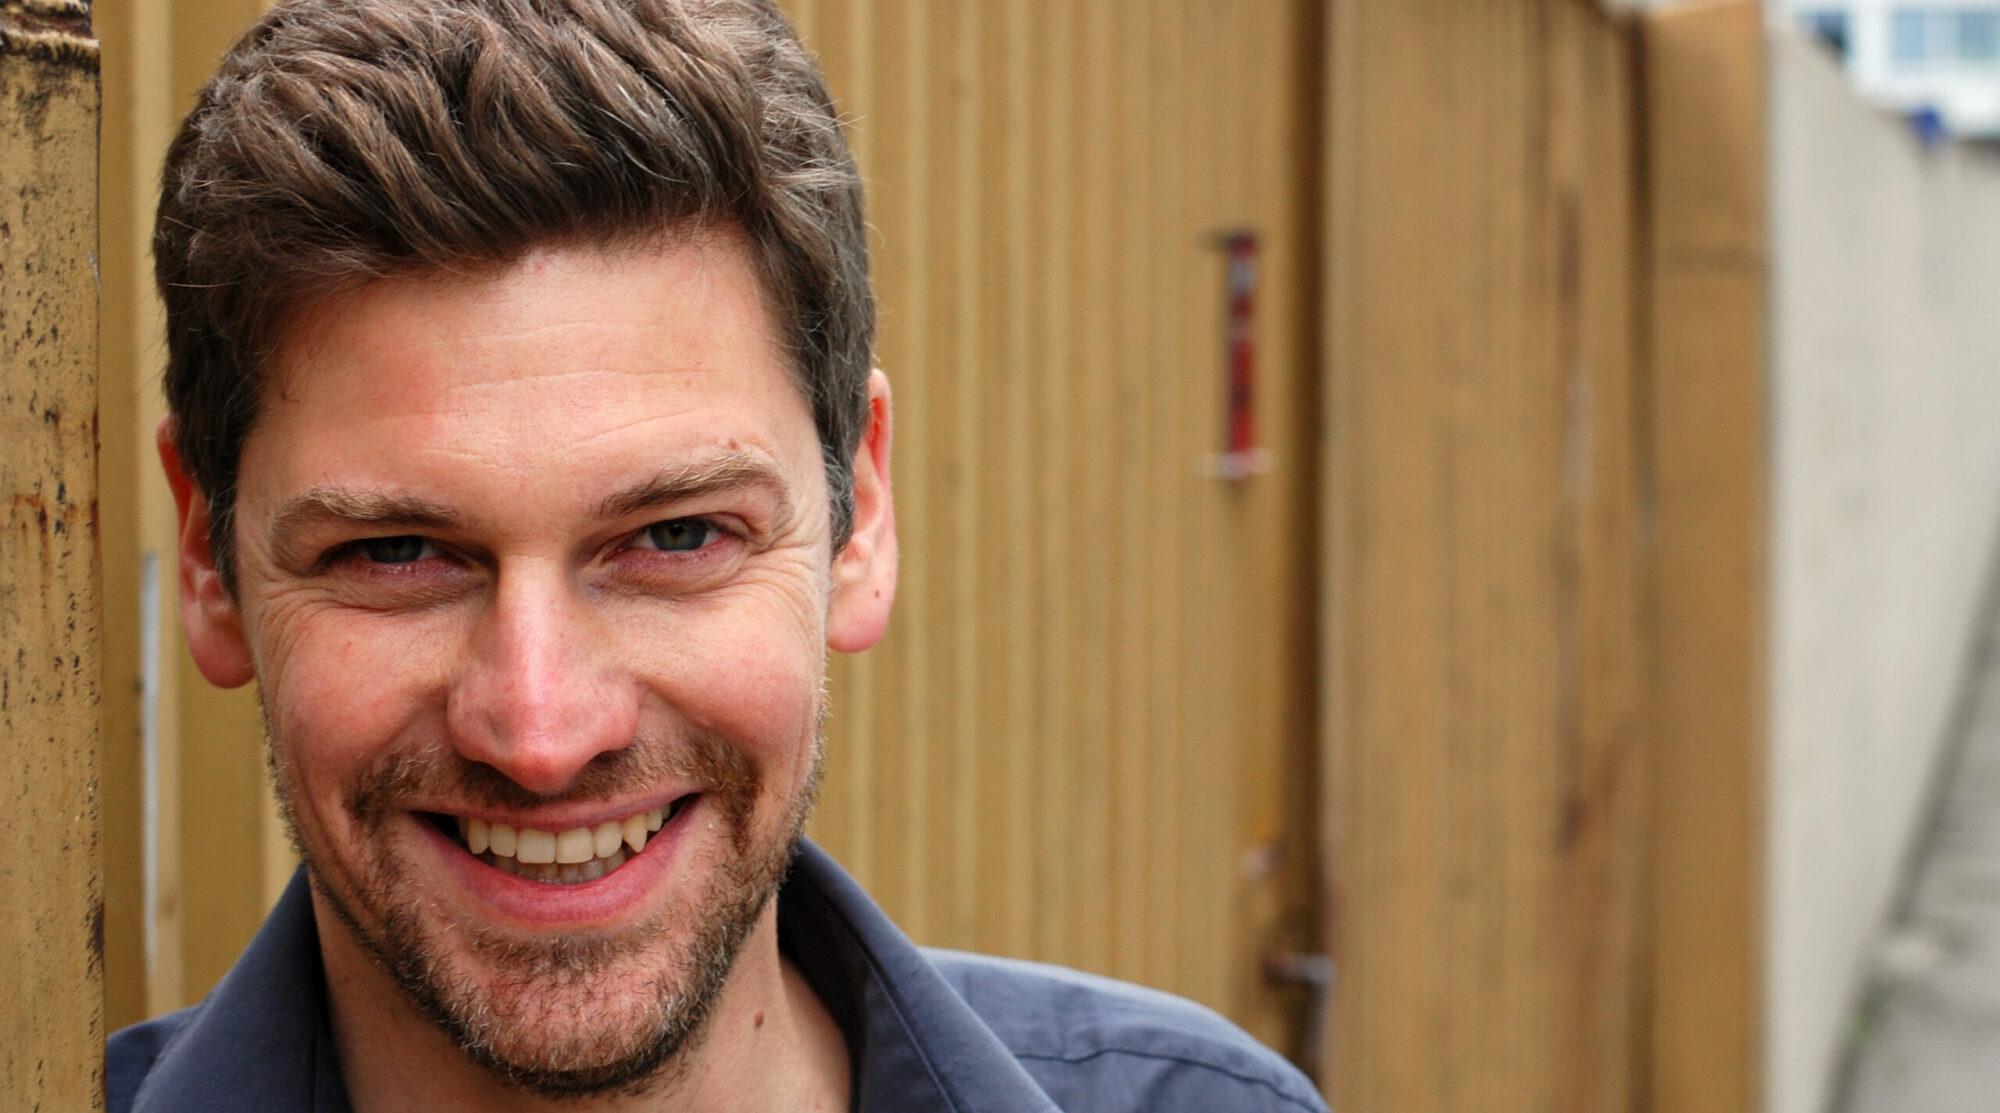 Markus Baumeister # Schauspieler